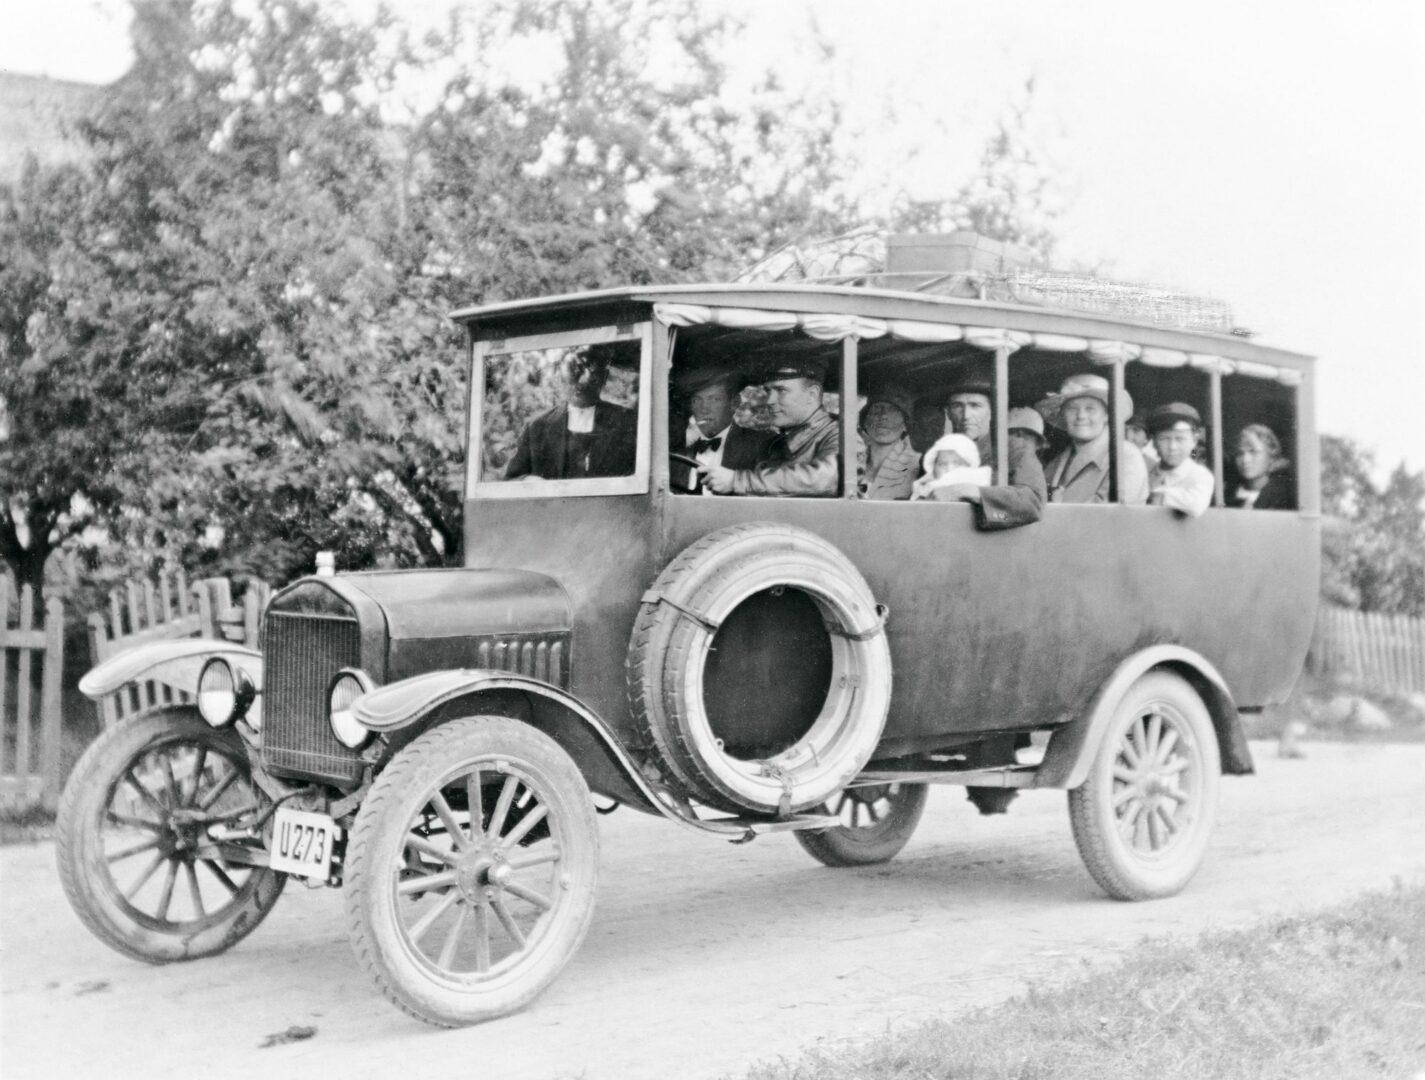 1920-luvun linjurit olivat pieniä ja avoimia. Tällä vietiin matkustajia linjalla Helsinki-Nurmijärvi, kesät talvet. © Museovirasto/OM-arkisto